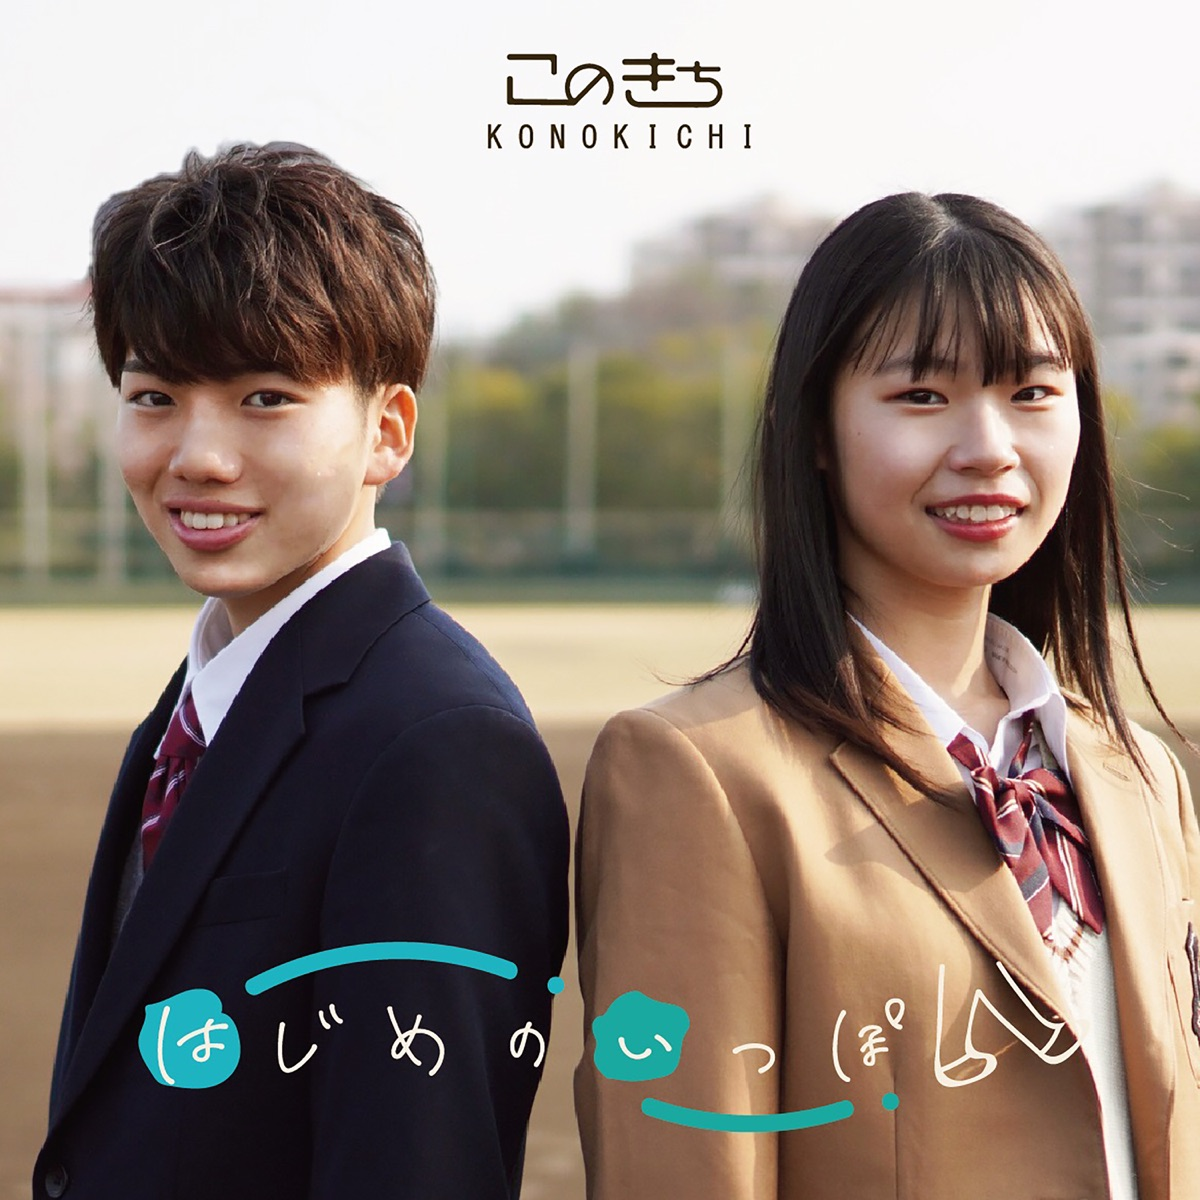 Cover for『konokichi - Hajime no Ippo』from the release『Hajime no Ippo』